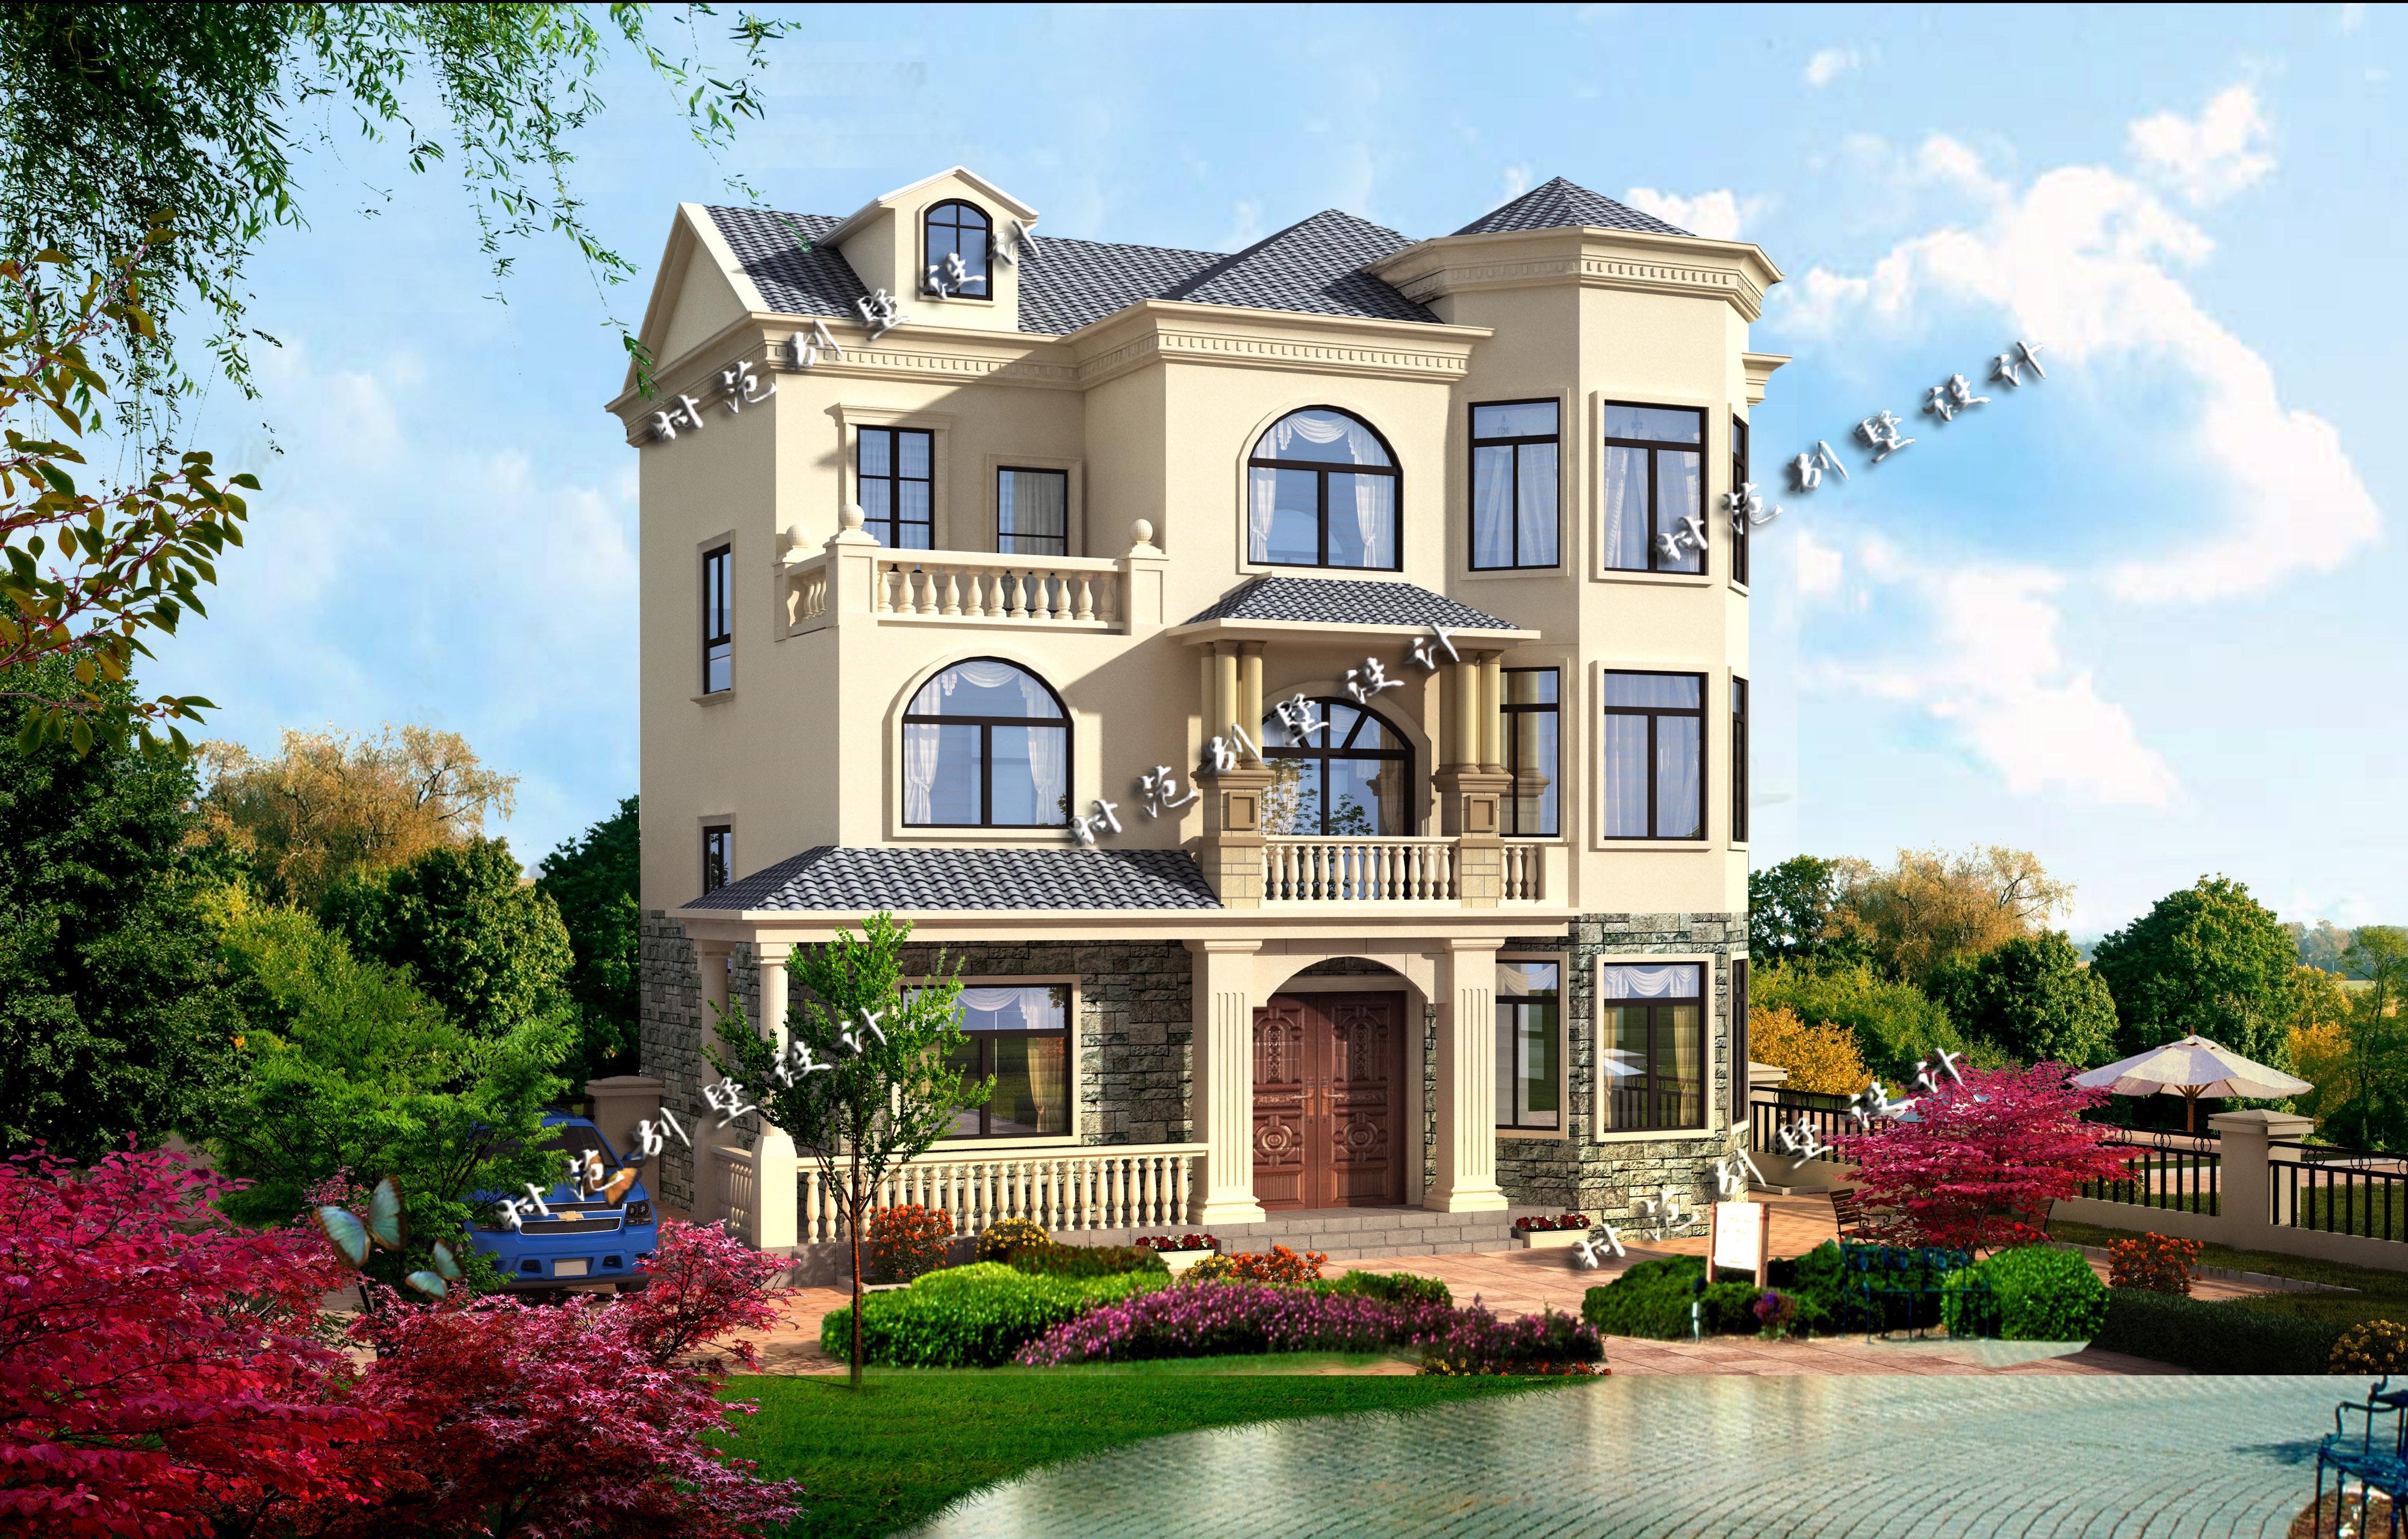 三层欧式房屋设计图纸效果图乡村新农村自建房现代风格豪华小别墅图片